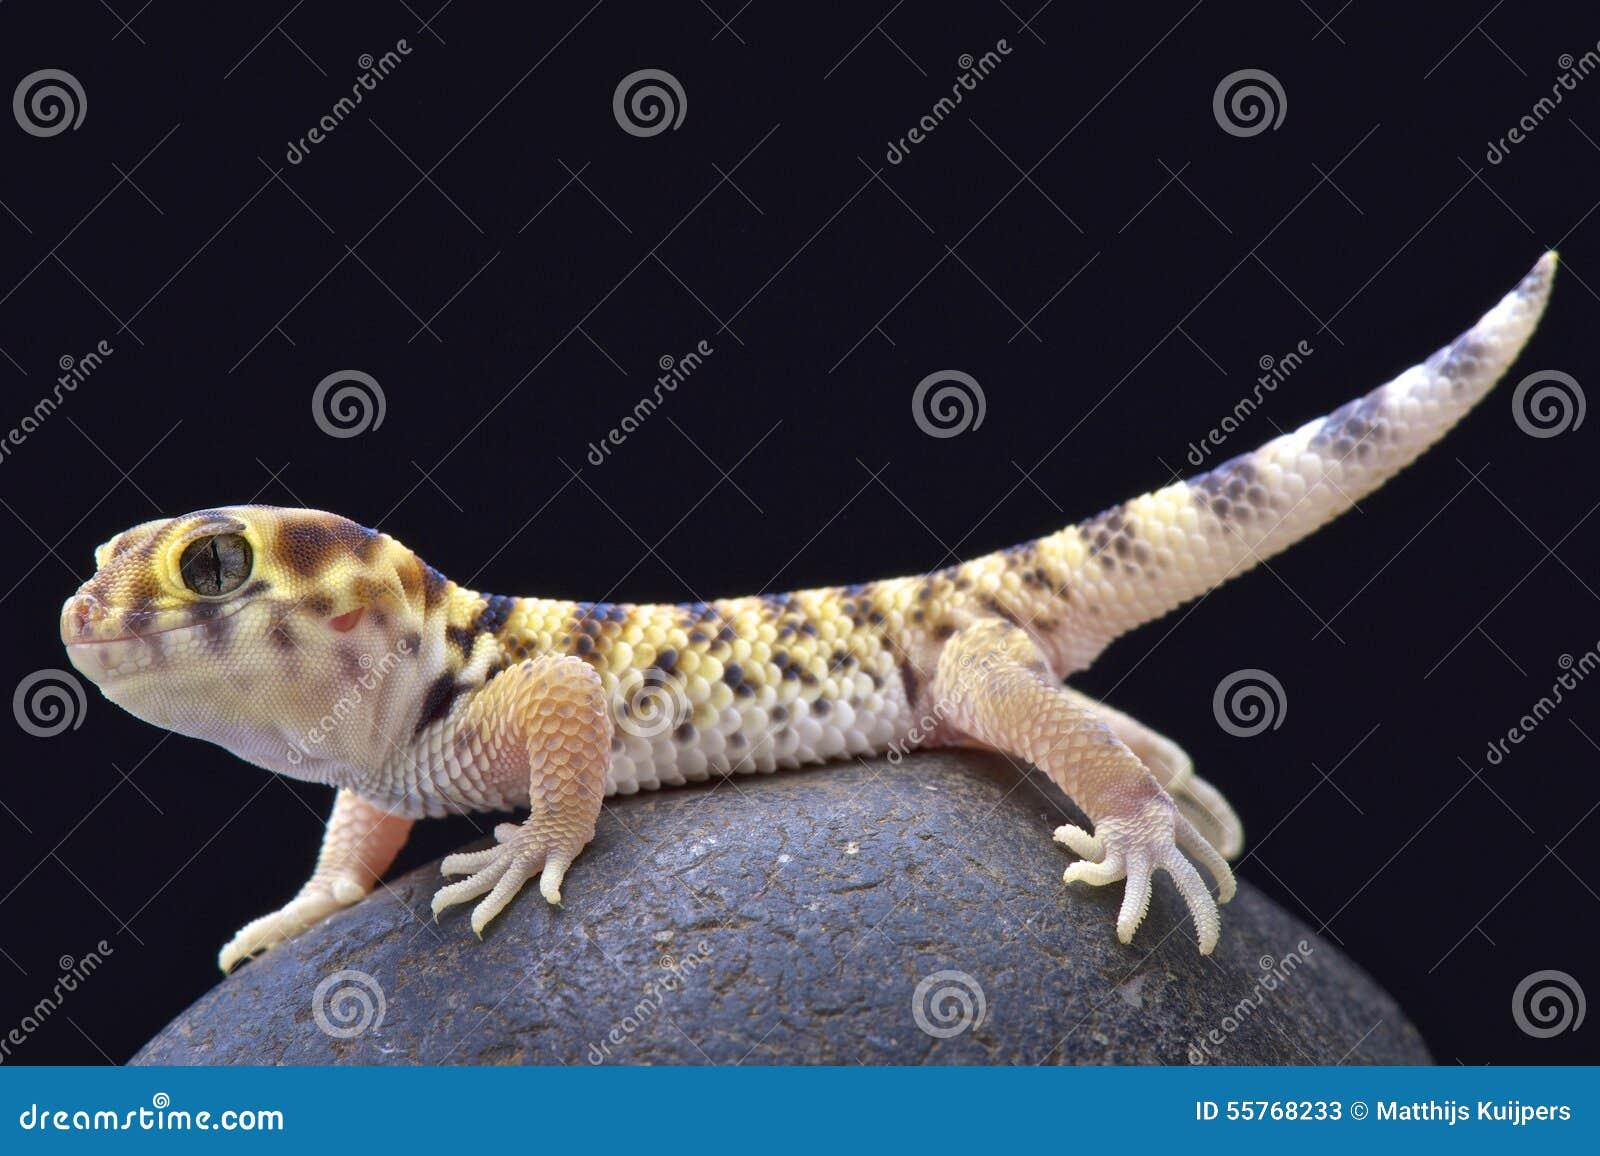 Wonder gecko (Teratoscincus scincus)